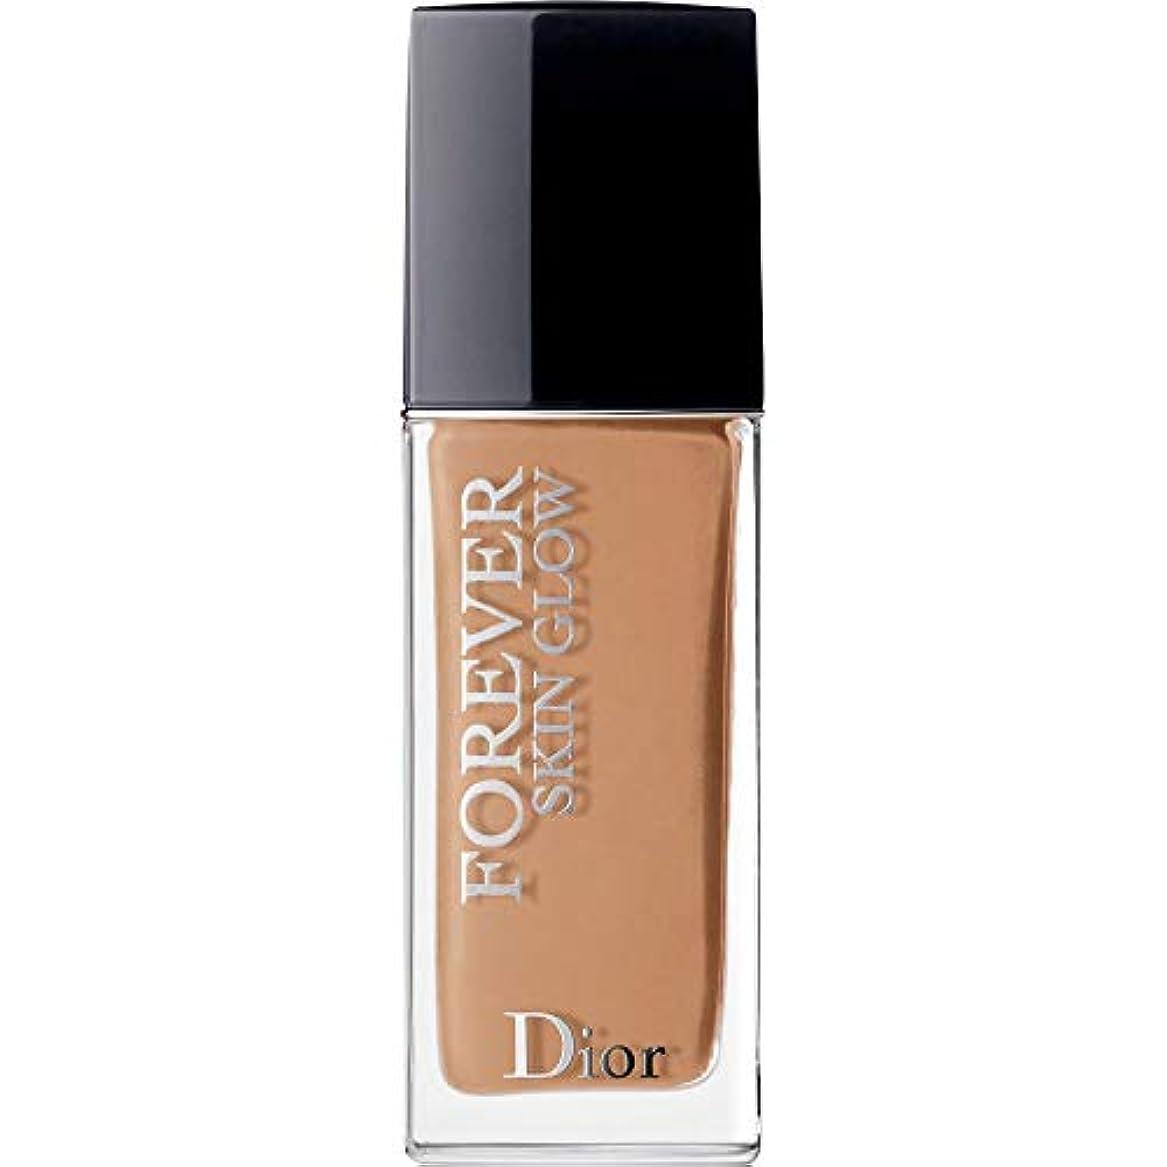 歌う原告被る[Dior ] ディオール永遠肌の輝き肌思いやりの基礎Spf35 30ミリリットルの4.5ワット - 暖かい(肌の輝き) - DIOR Forever Skin Glow Skin-Caring Foundation SPF35...